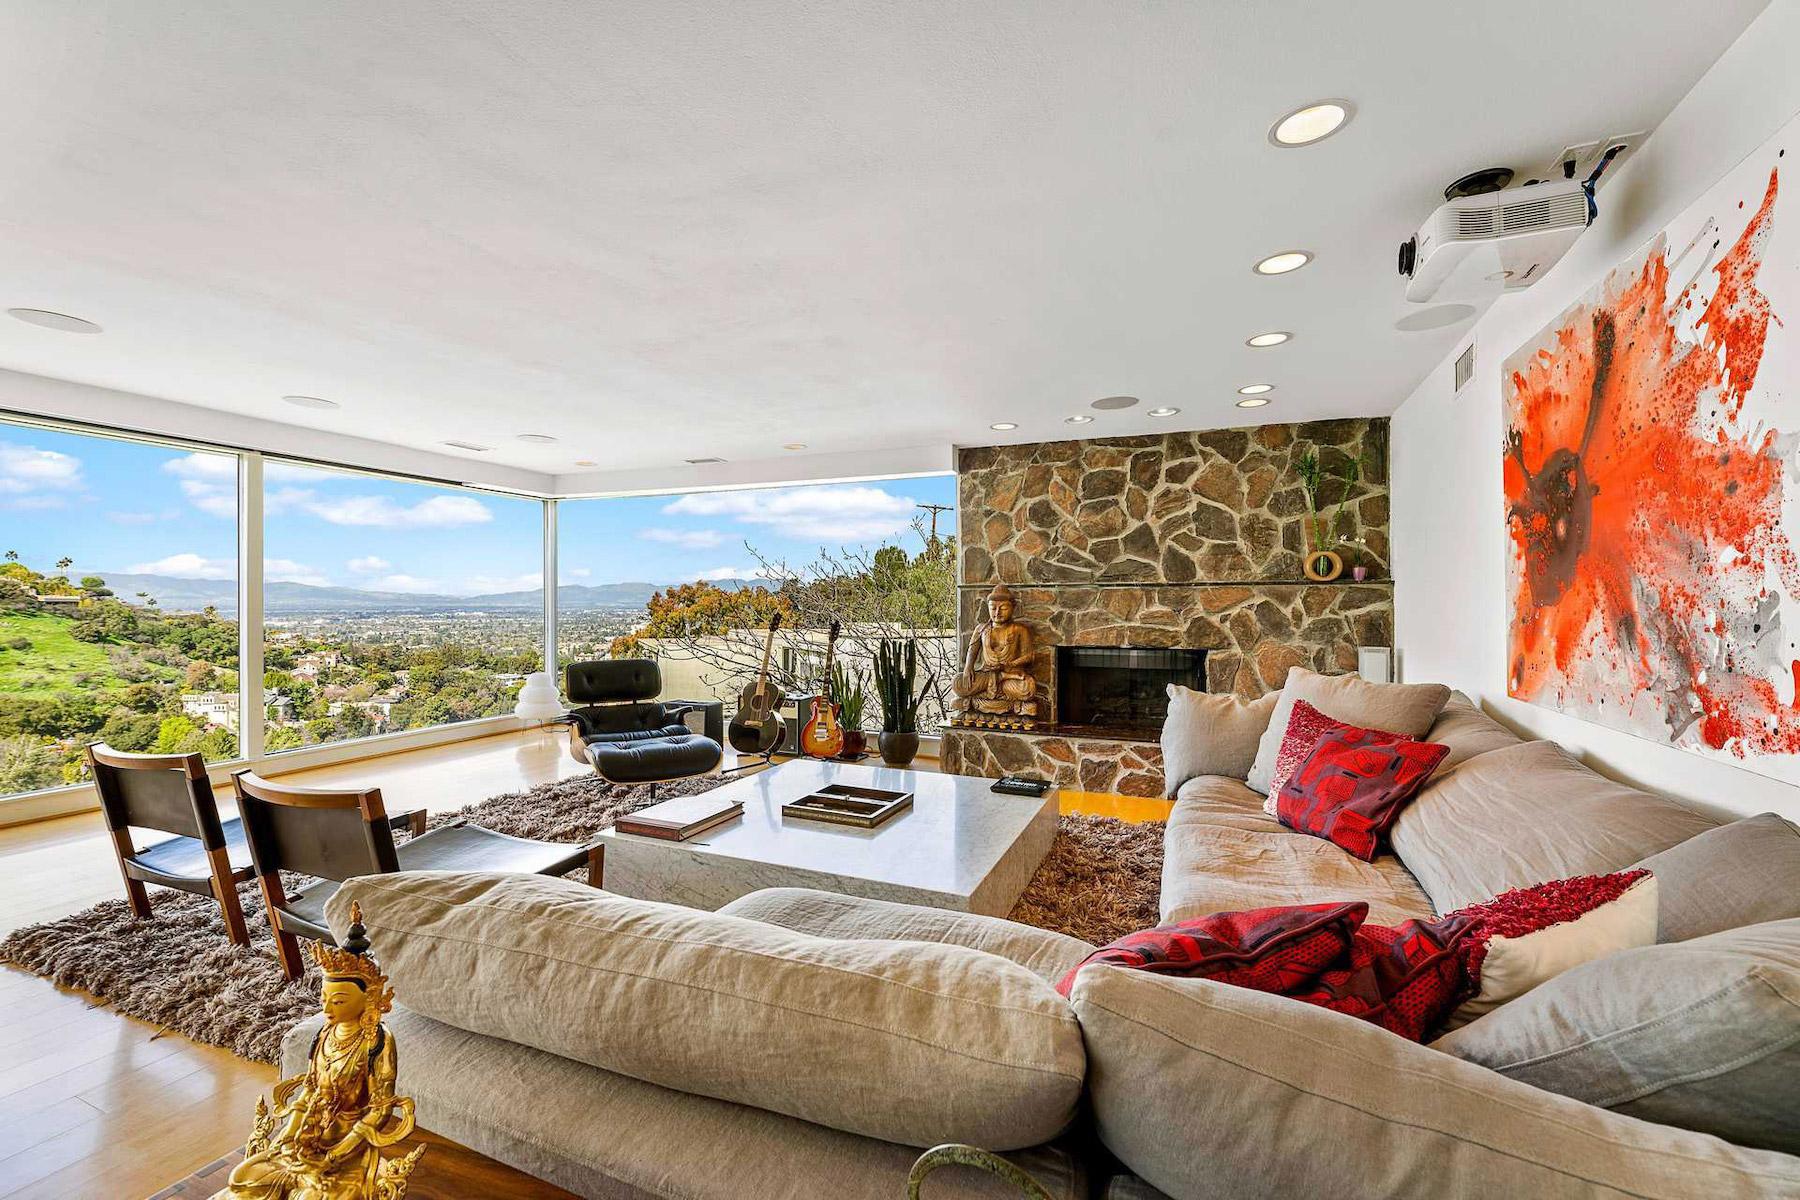 Das aussergewöhnliche Stilt House von Richard Neutra in Kalifornien 8